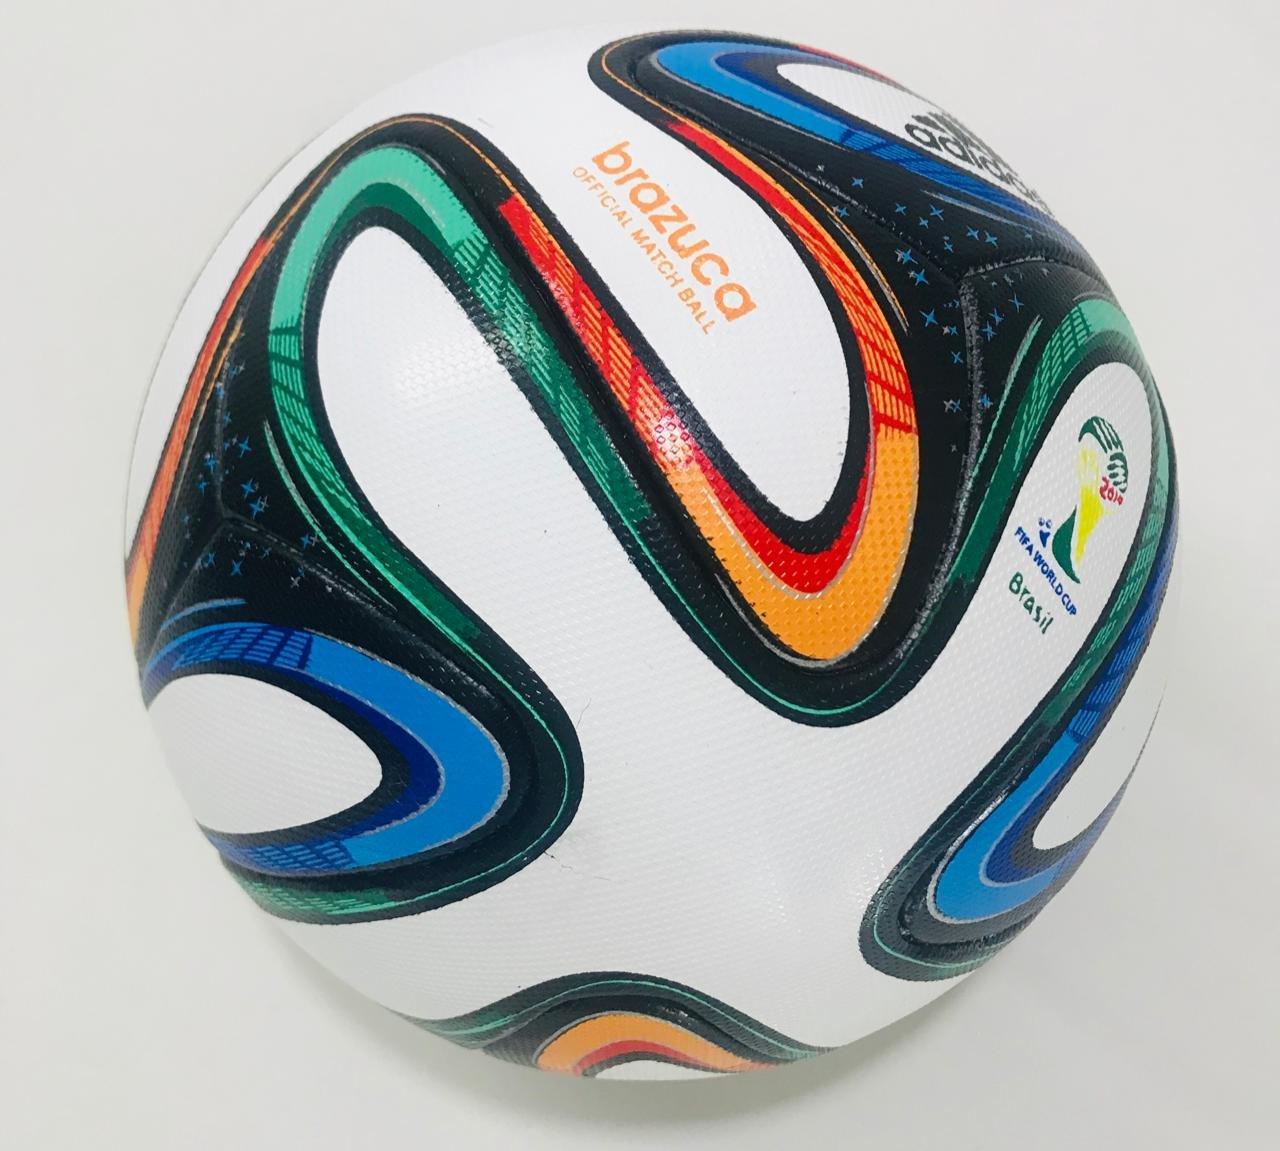 Adidas Brazuca FIFA World Cup 2014 Official Match Ball Brasil Soccer Ball